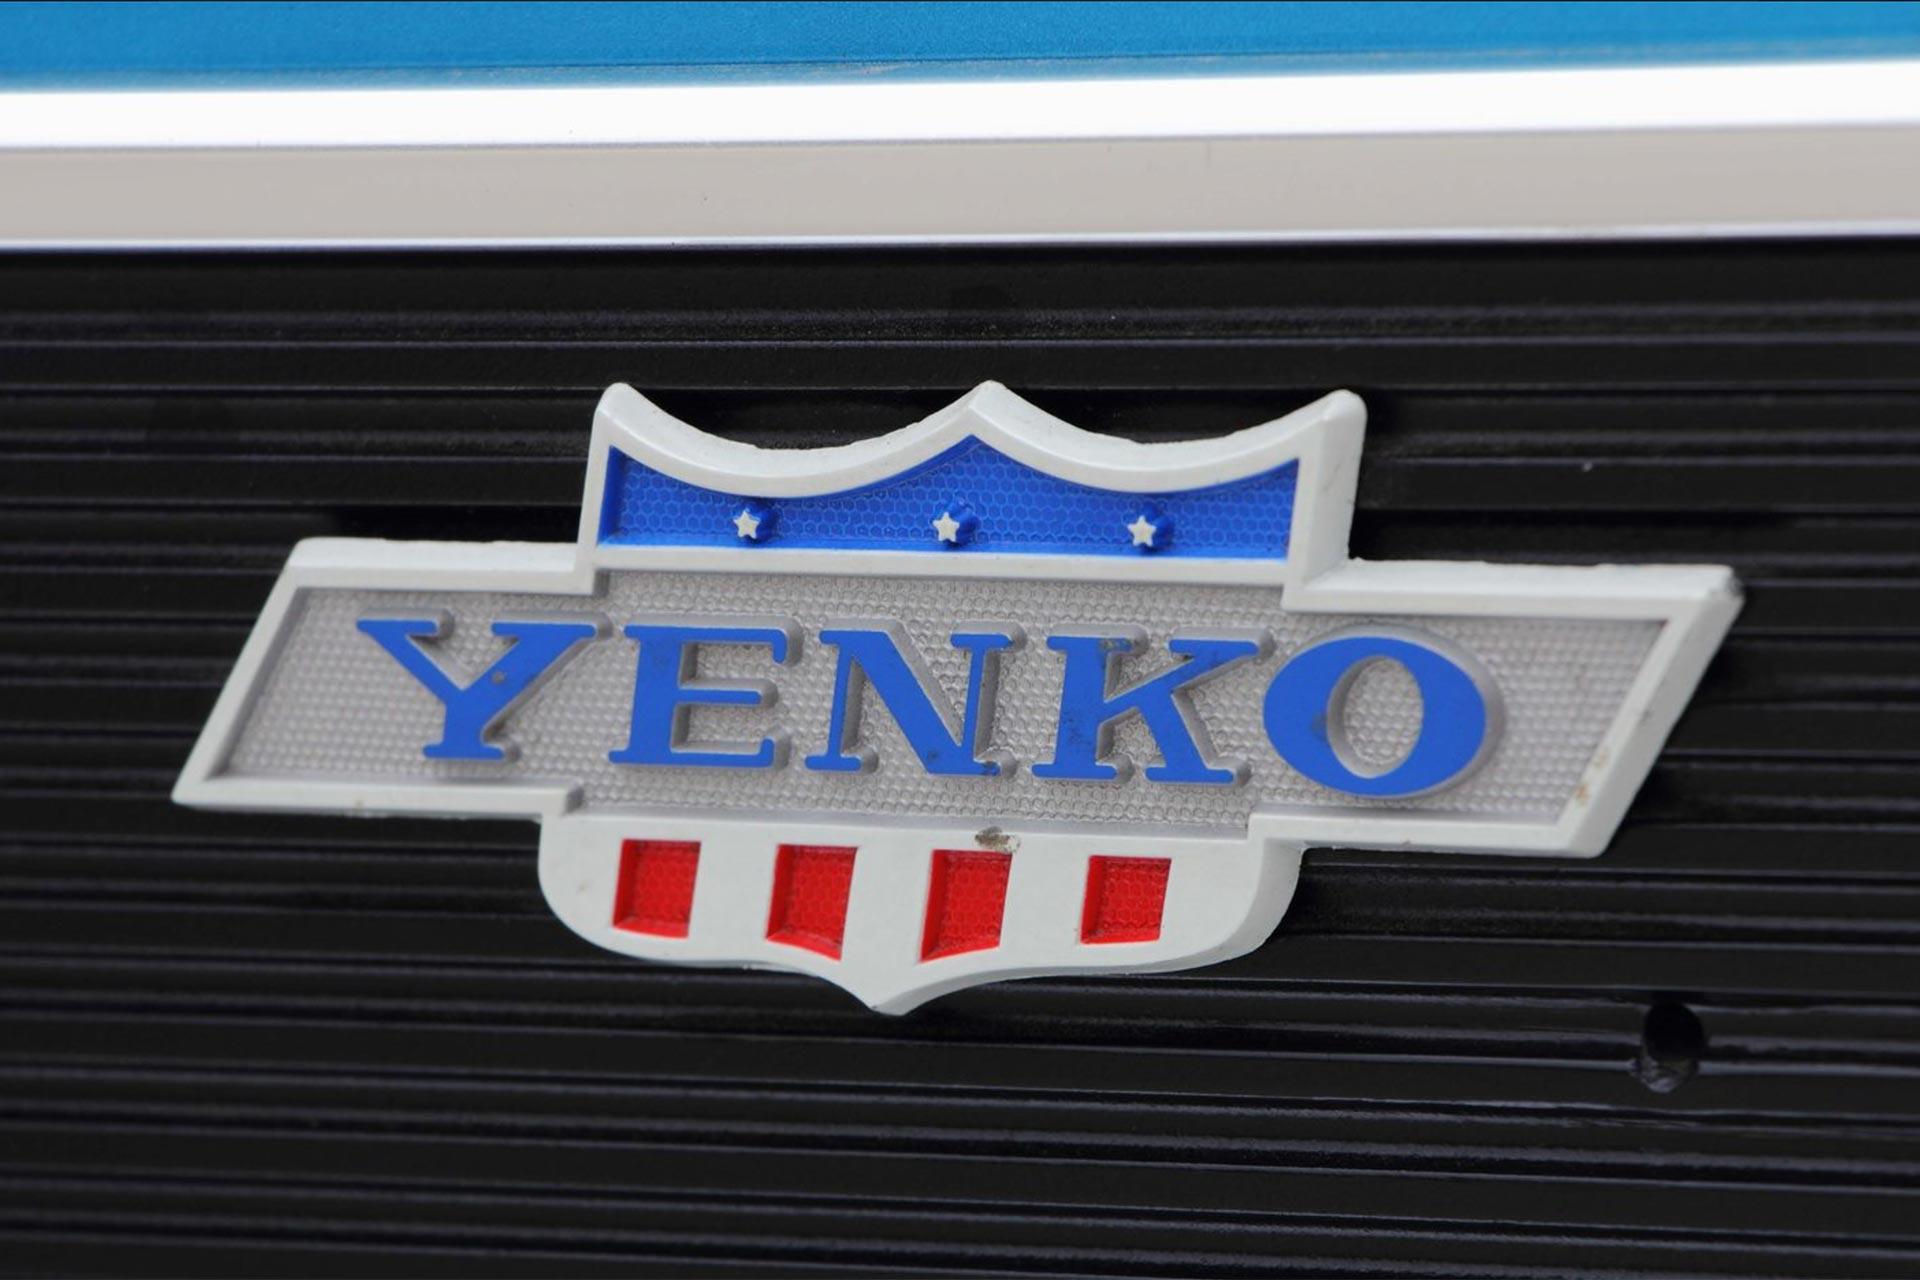 Detail shot of the Yenko badge